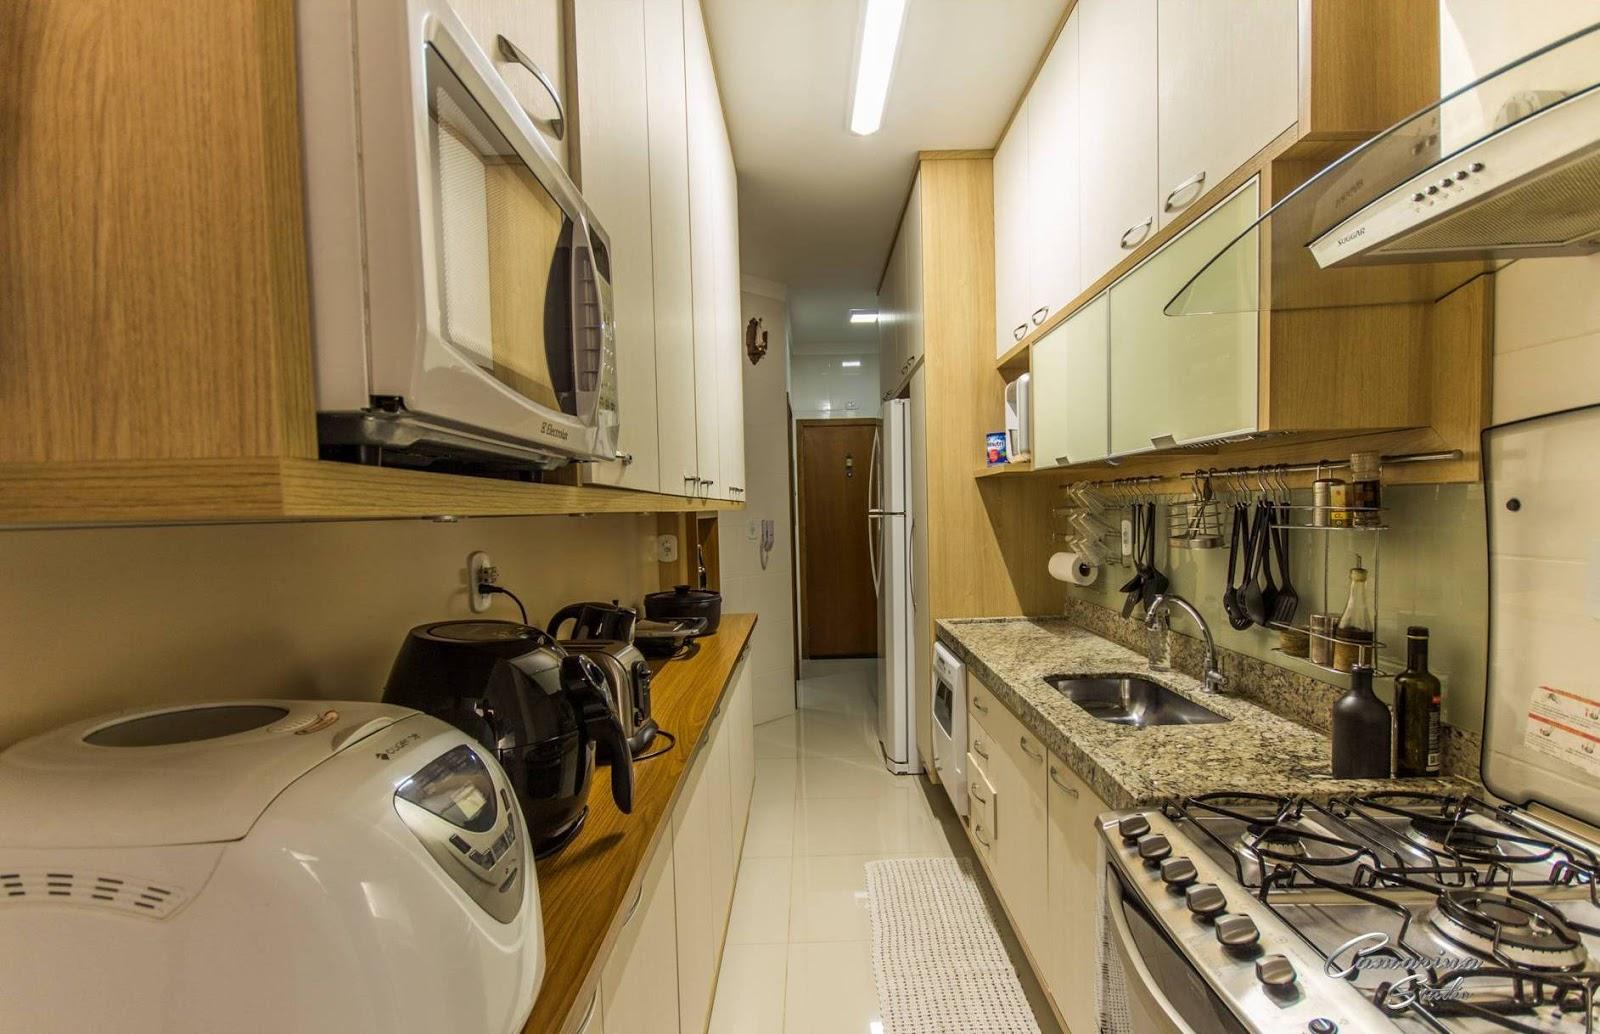 Érica Marina Ribeirão Preto: Como planejar uma cozinha corredor #654C24 1600 1034